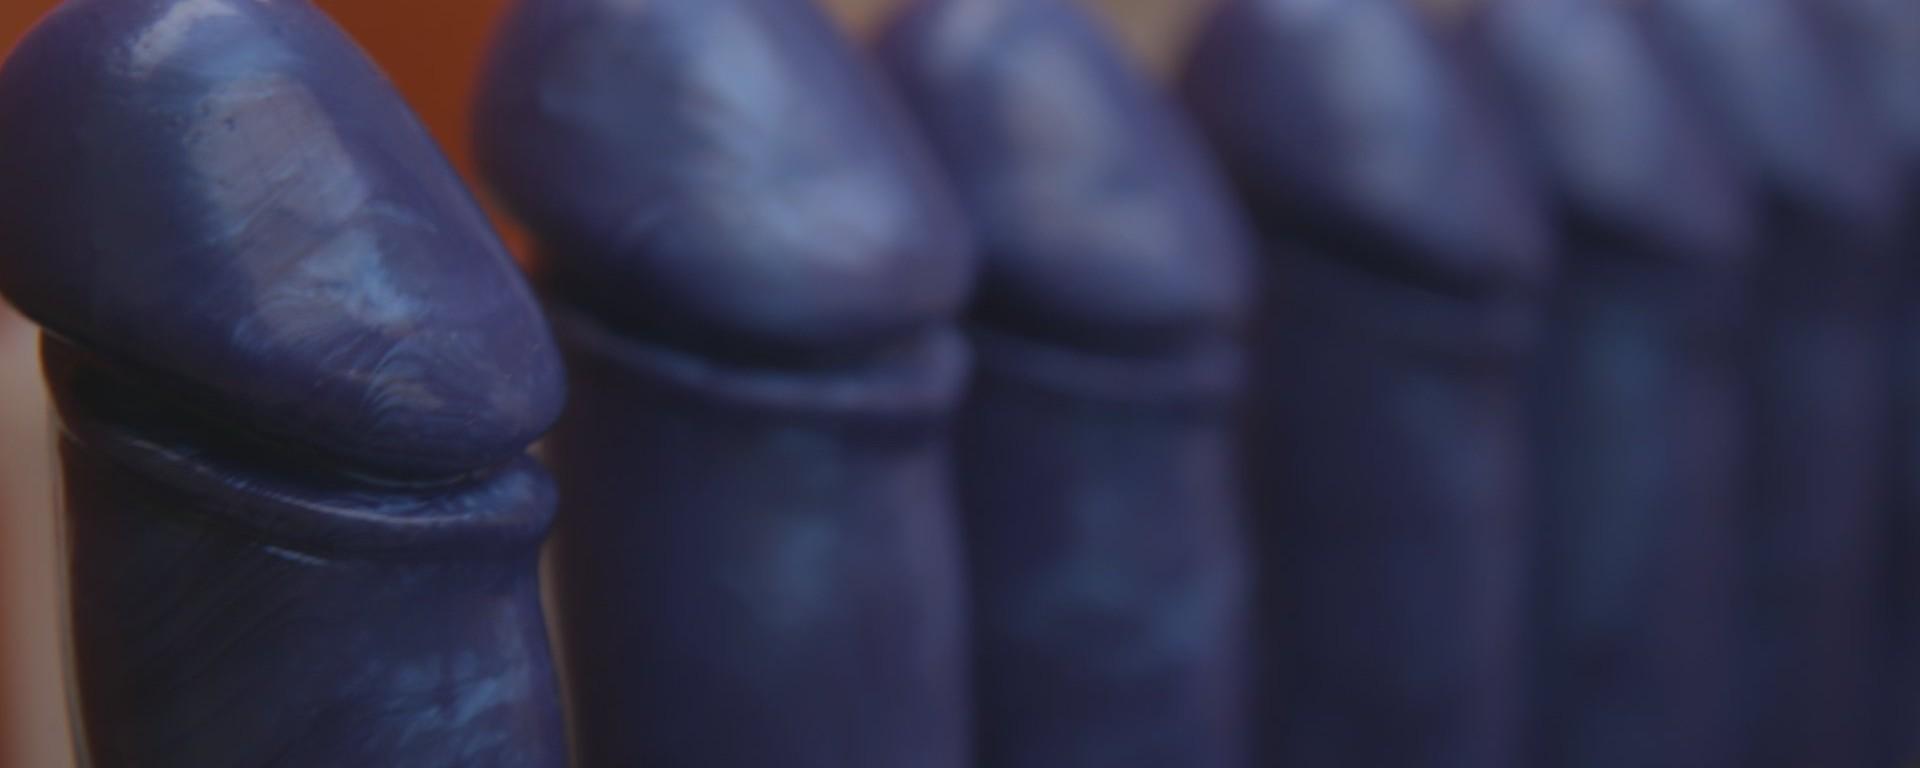 ce să faci atunci când penisul se distrează)